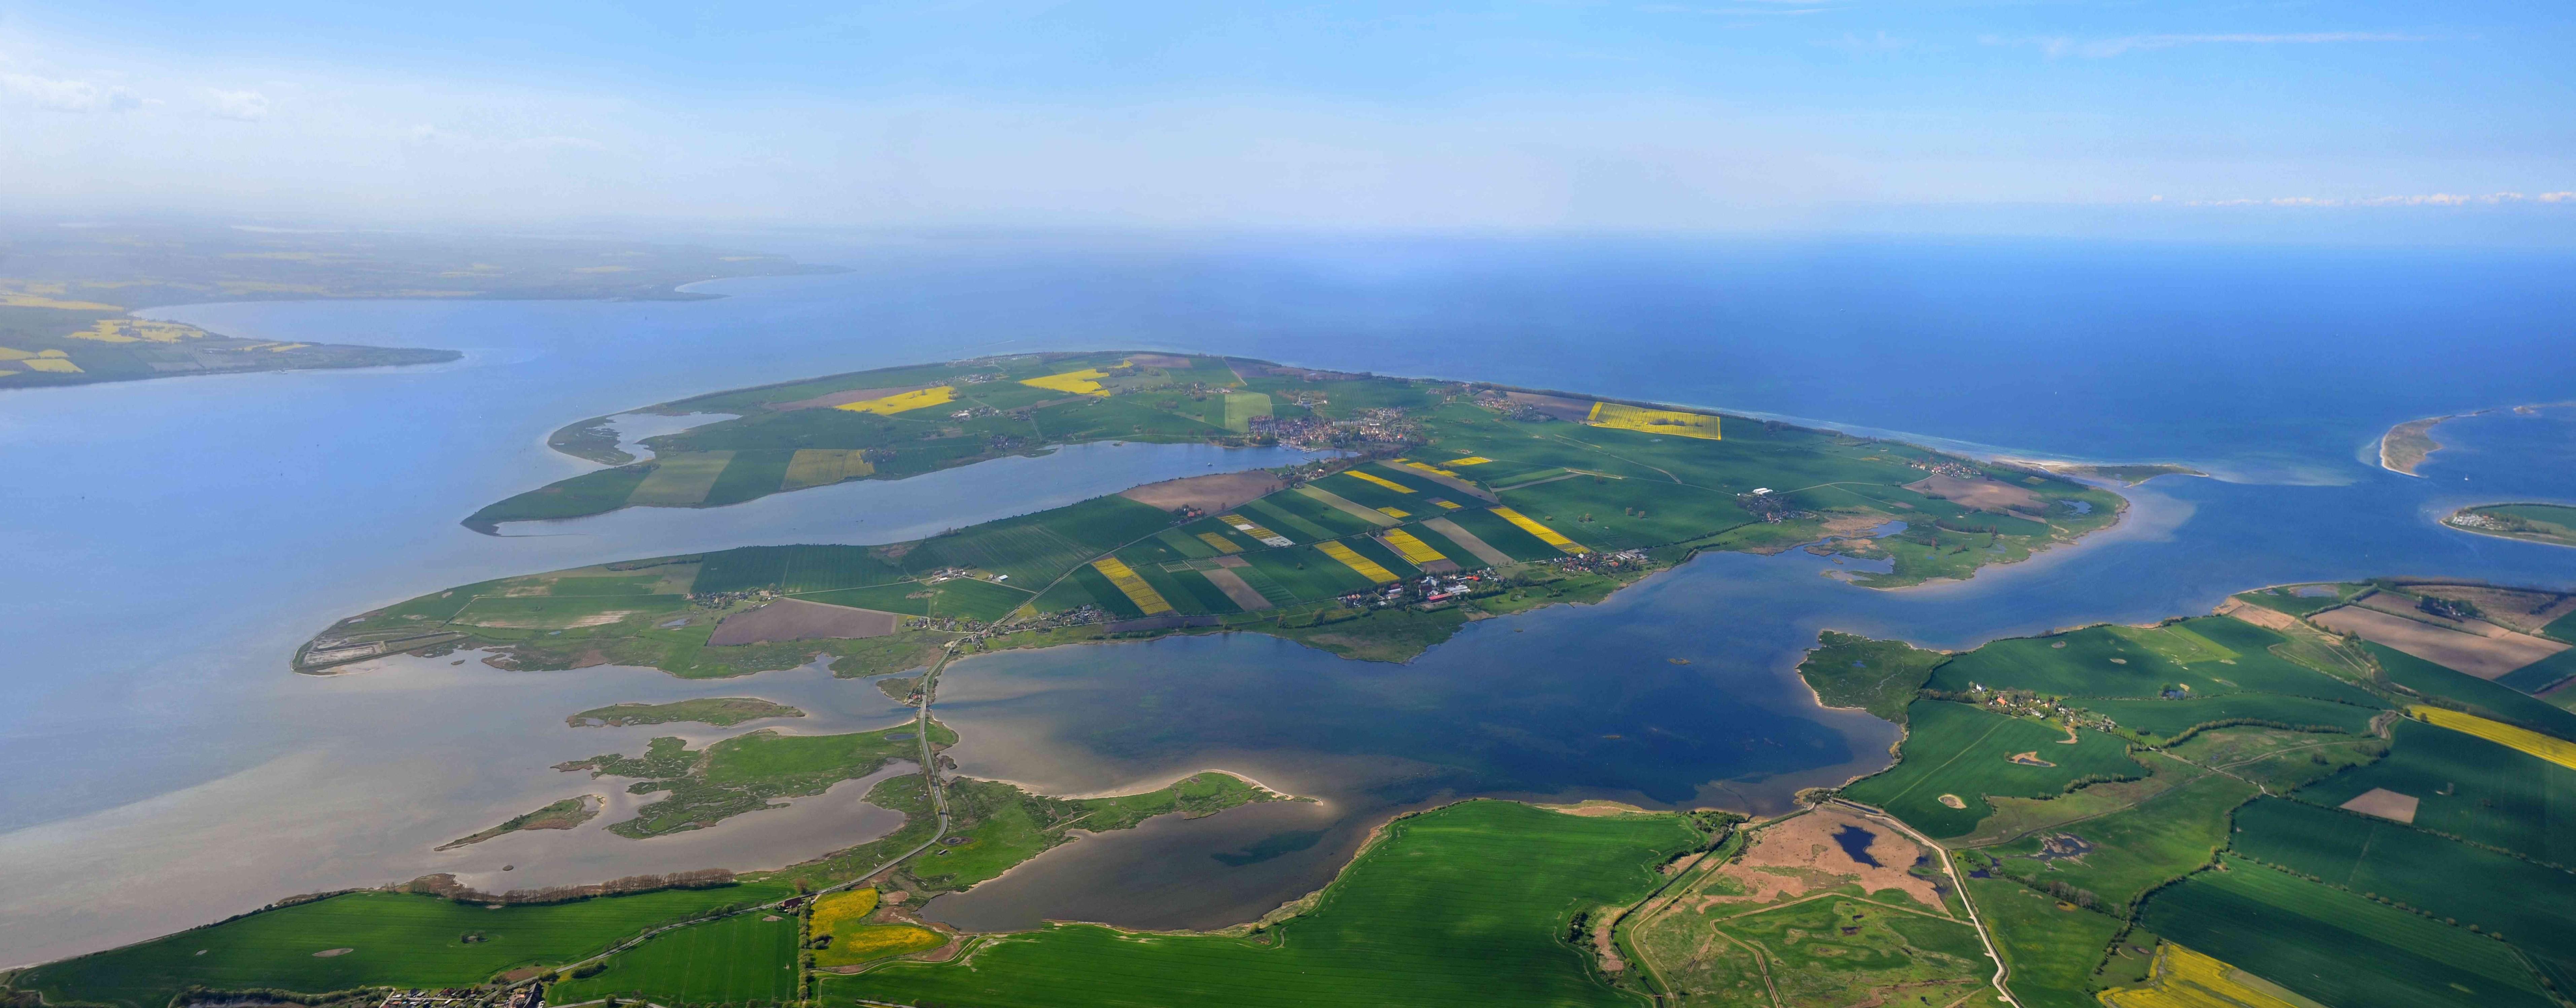 Die Wismarer Bucht in der Ostsee mit der Insel Poel aus der Vogelperspektive.